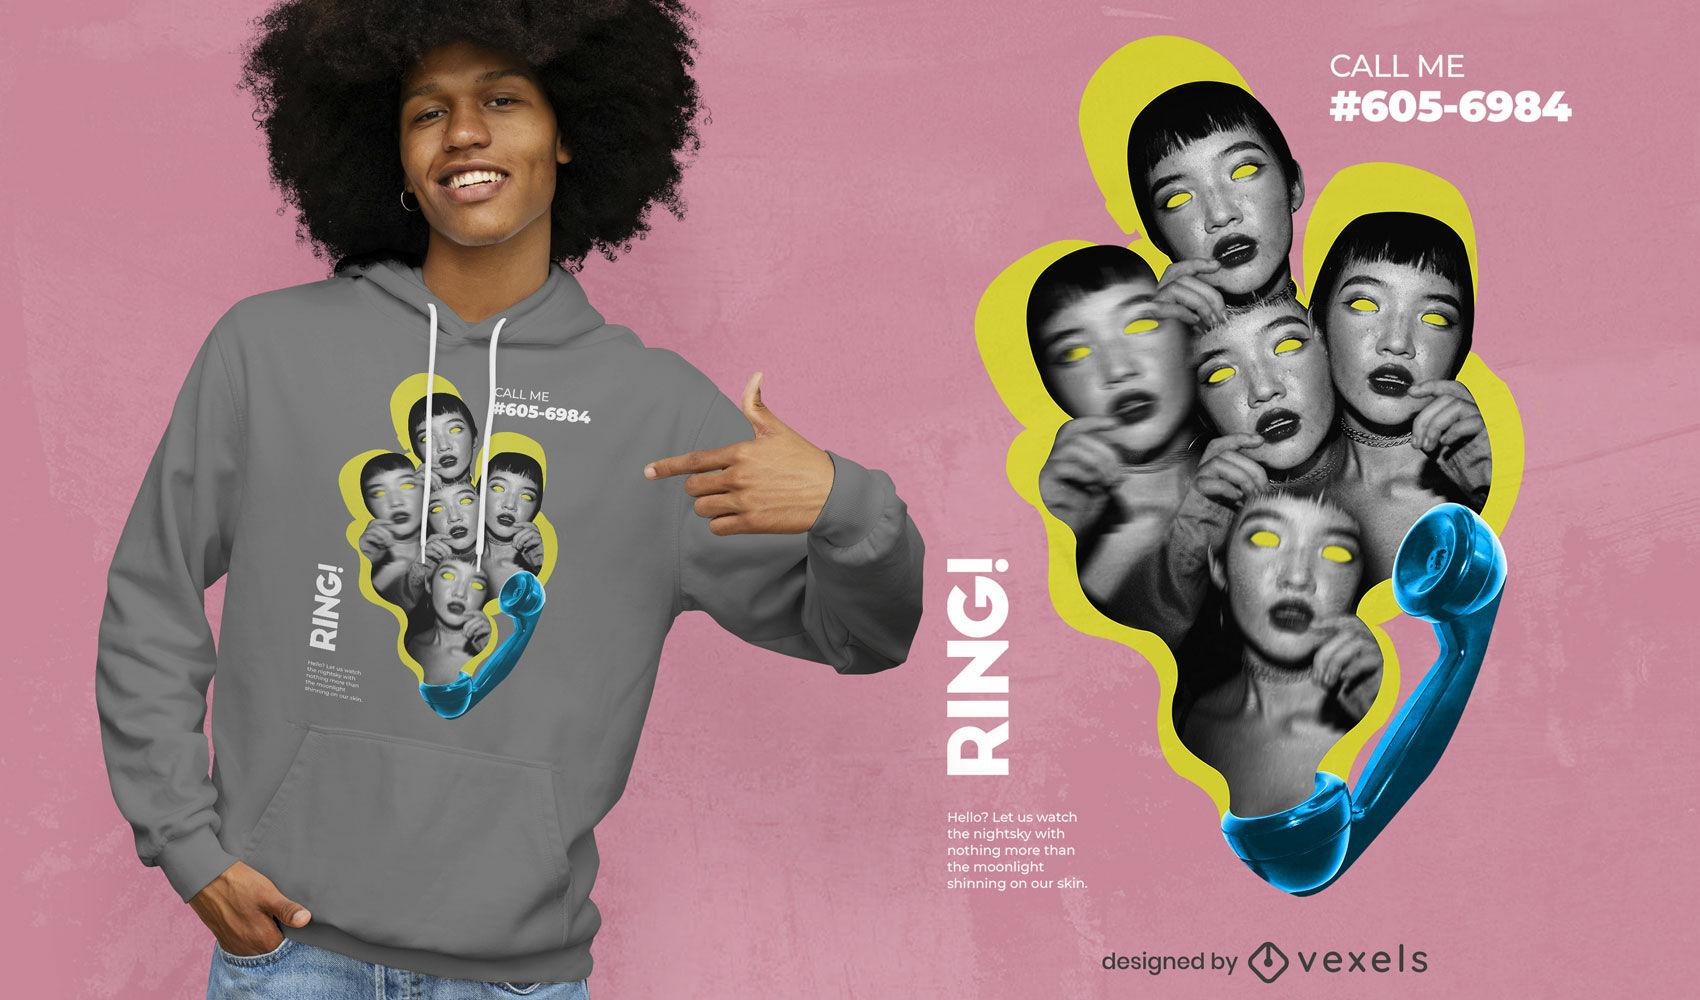 Diseño de camiseta psd de collage de caras y teléfono.